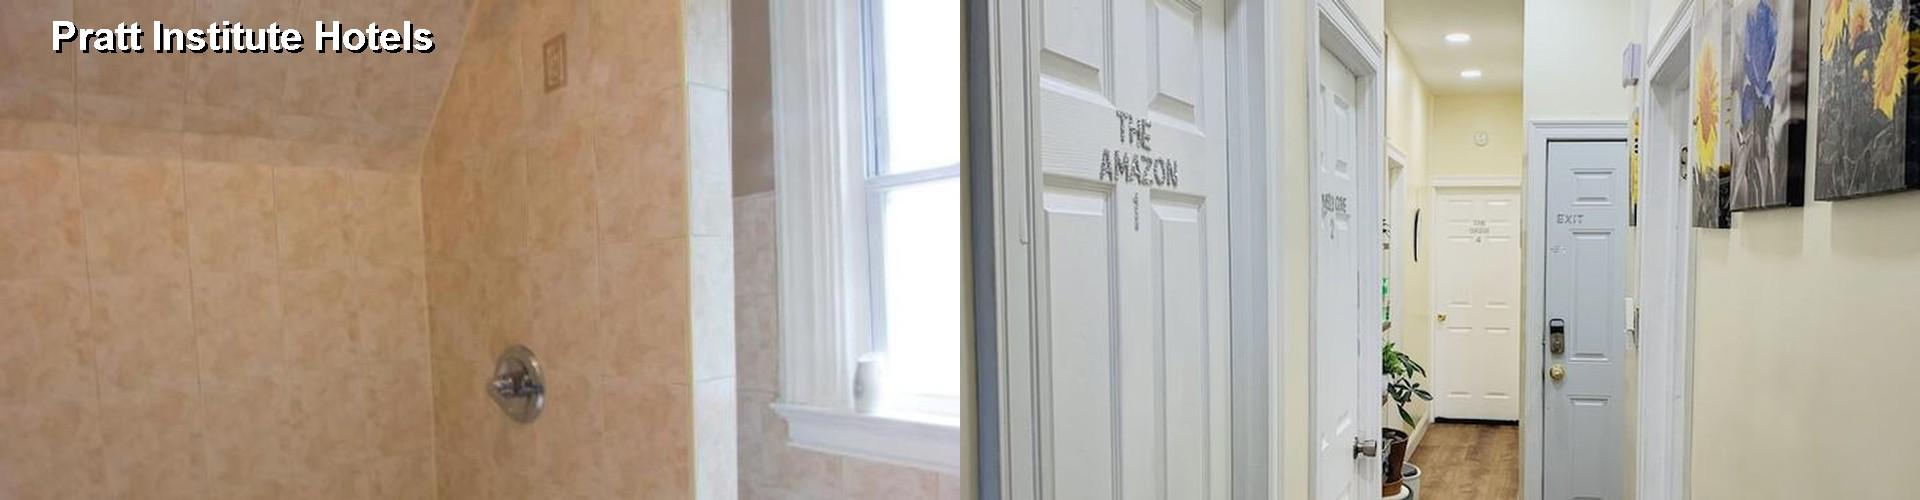 5 Best Hotels Near Pratt Institute